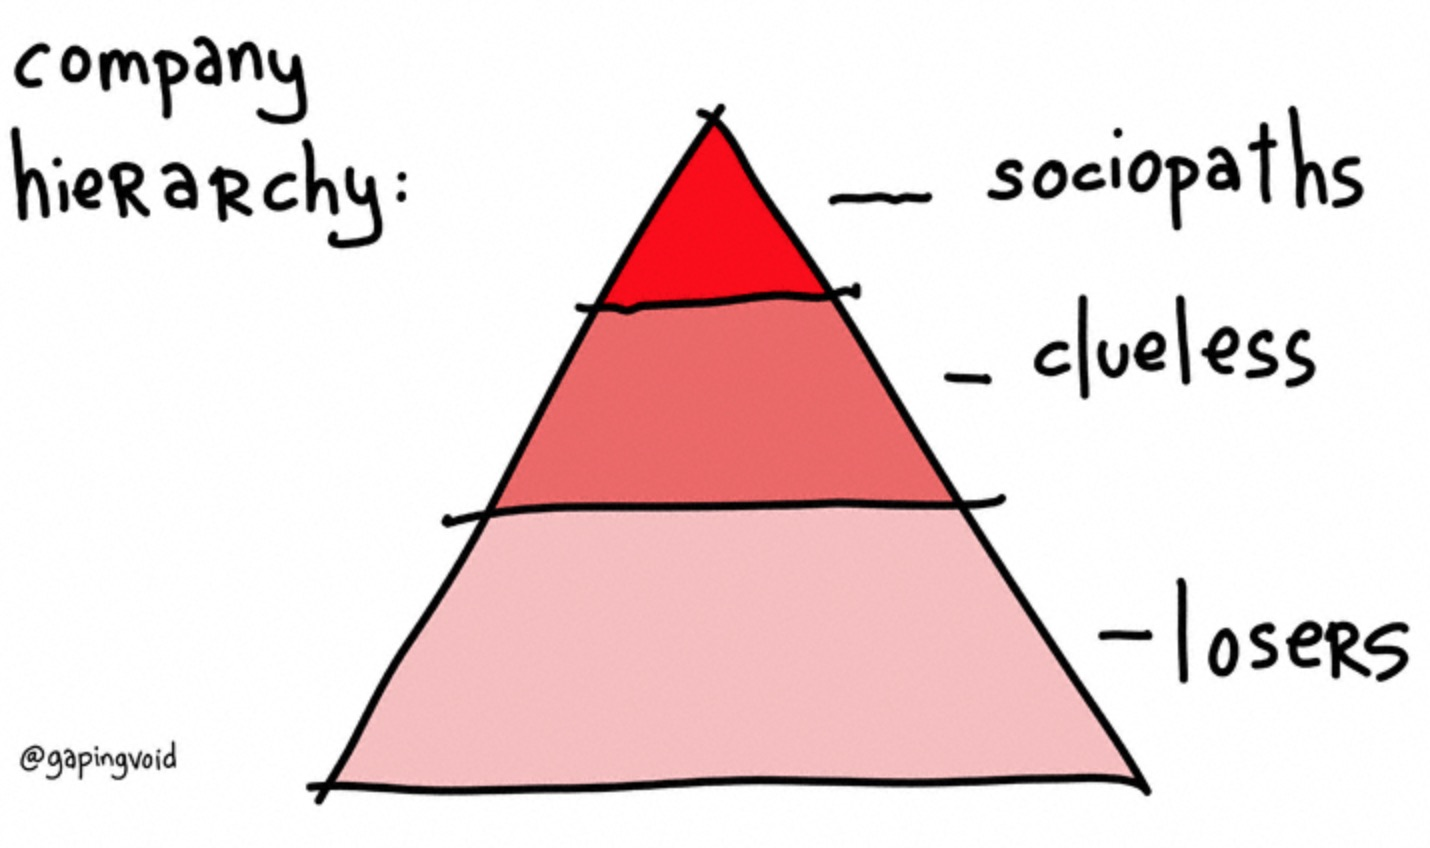 Company hierarchy